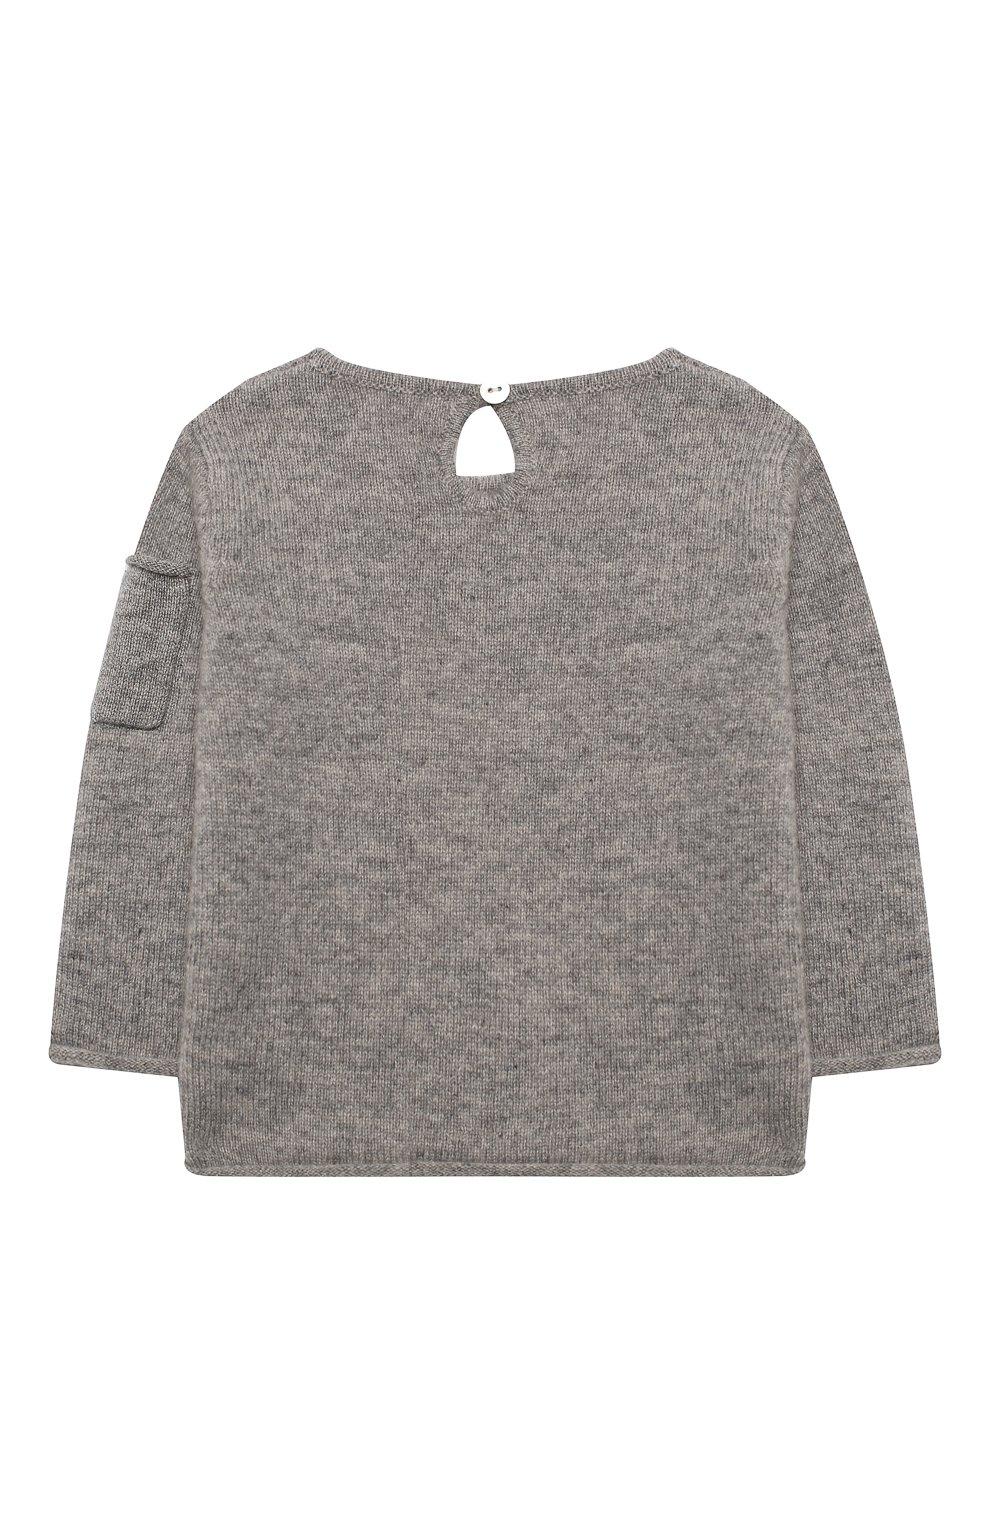 Детский кашемировый пуловер OSCAR ET VALENTINE серого цвета, арт. PUL01DOGS | Фото 2